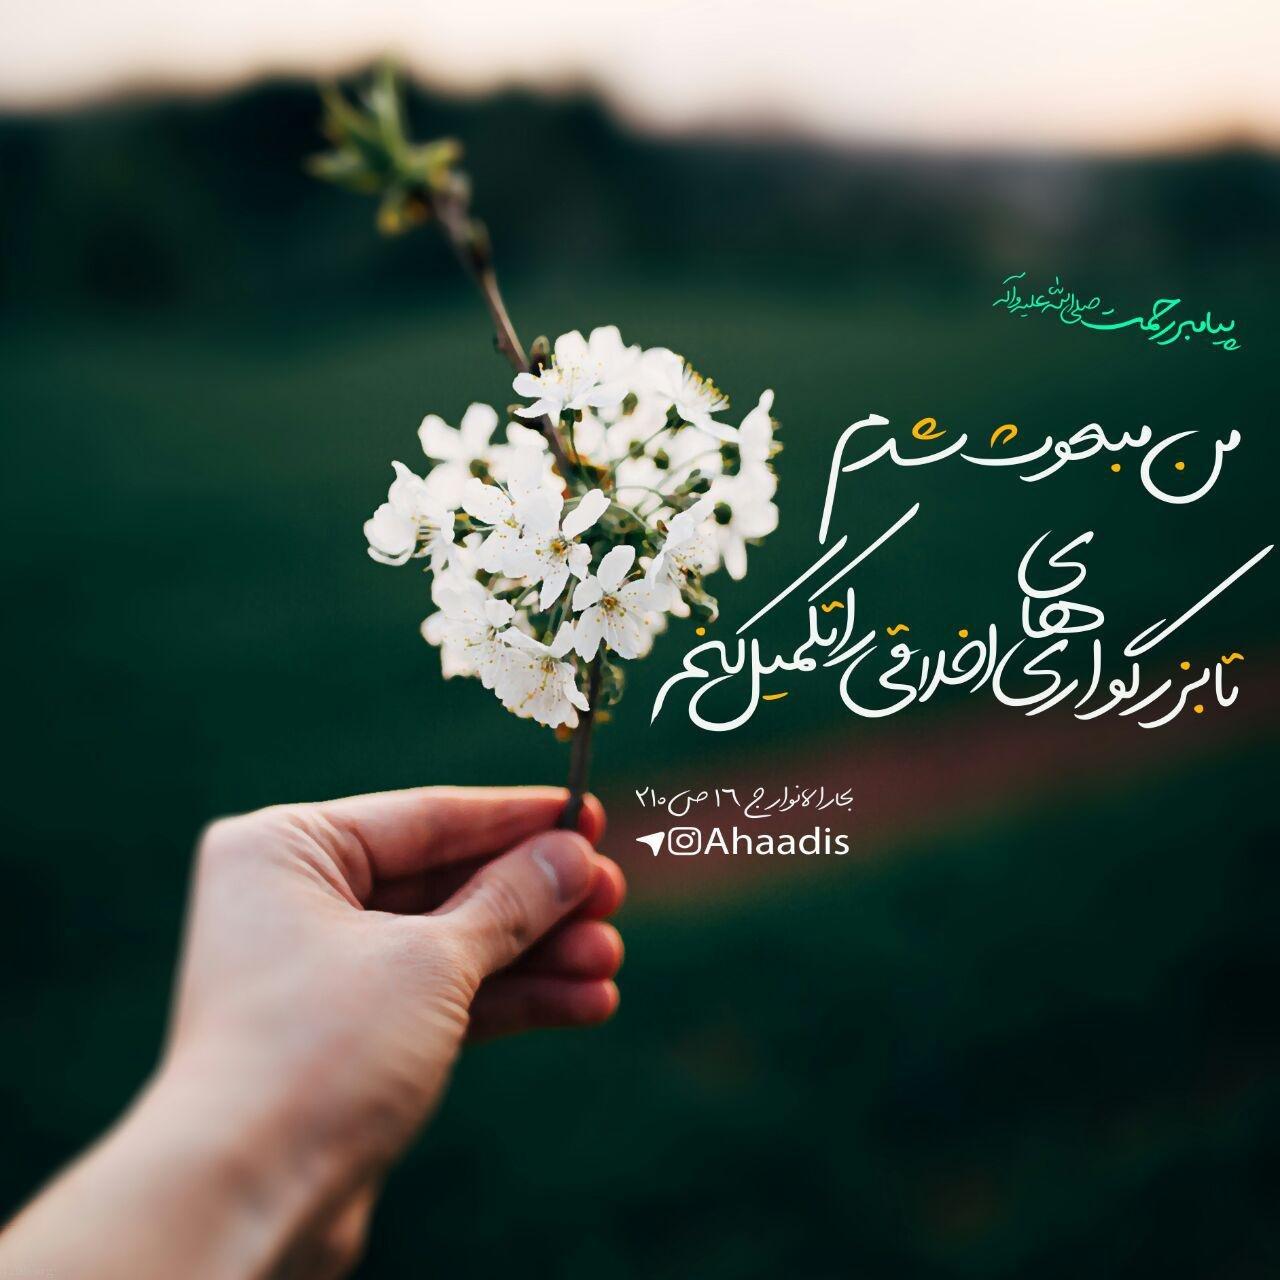 عید مبعث رسول اکرم (ص) چه روزی است ؟